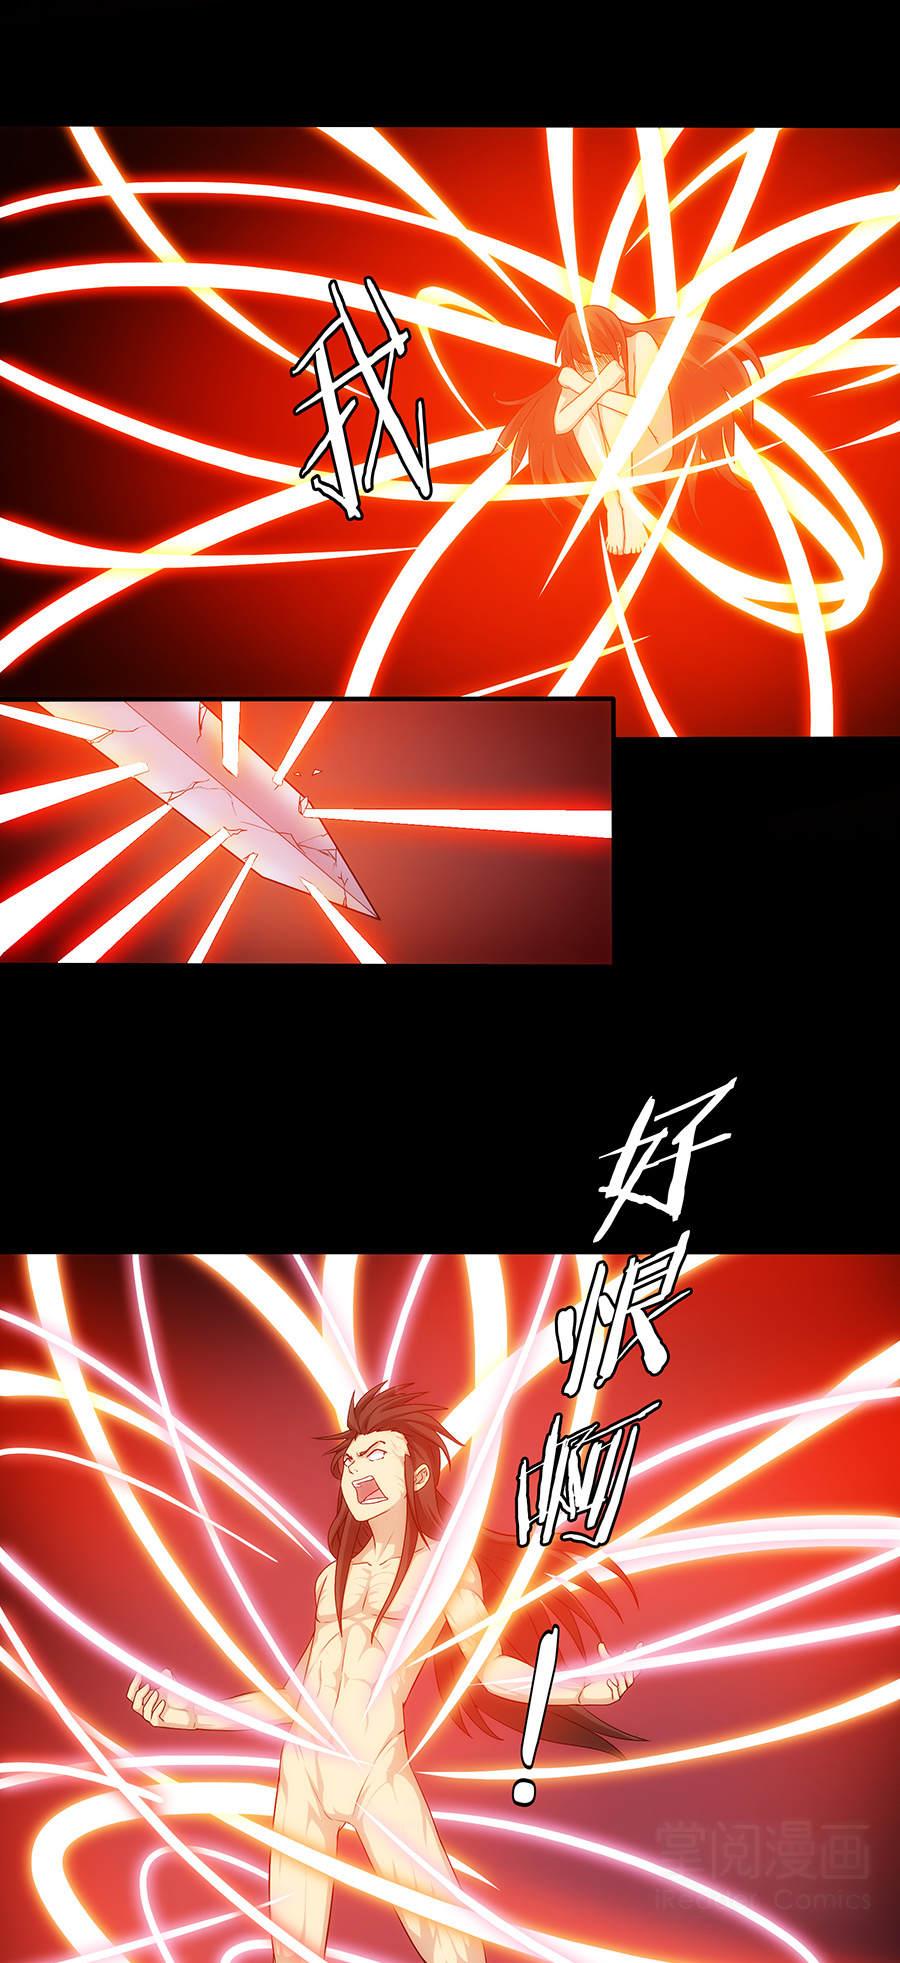 绝世剑神第1话  剑神重生 第 6